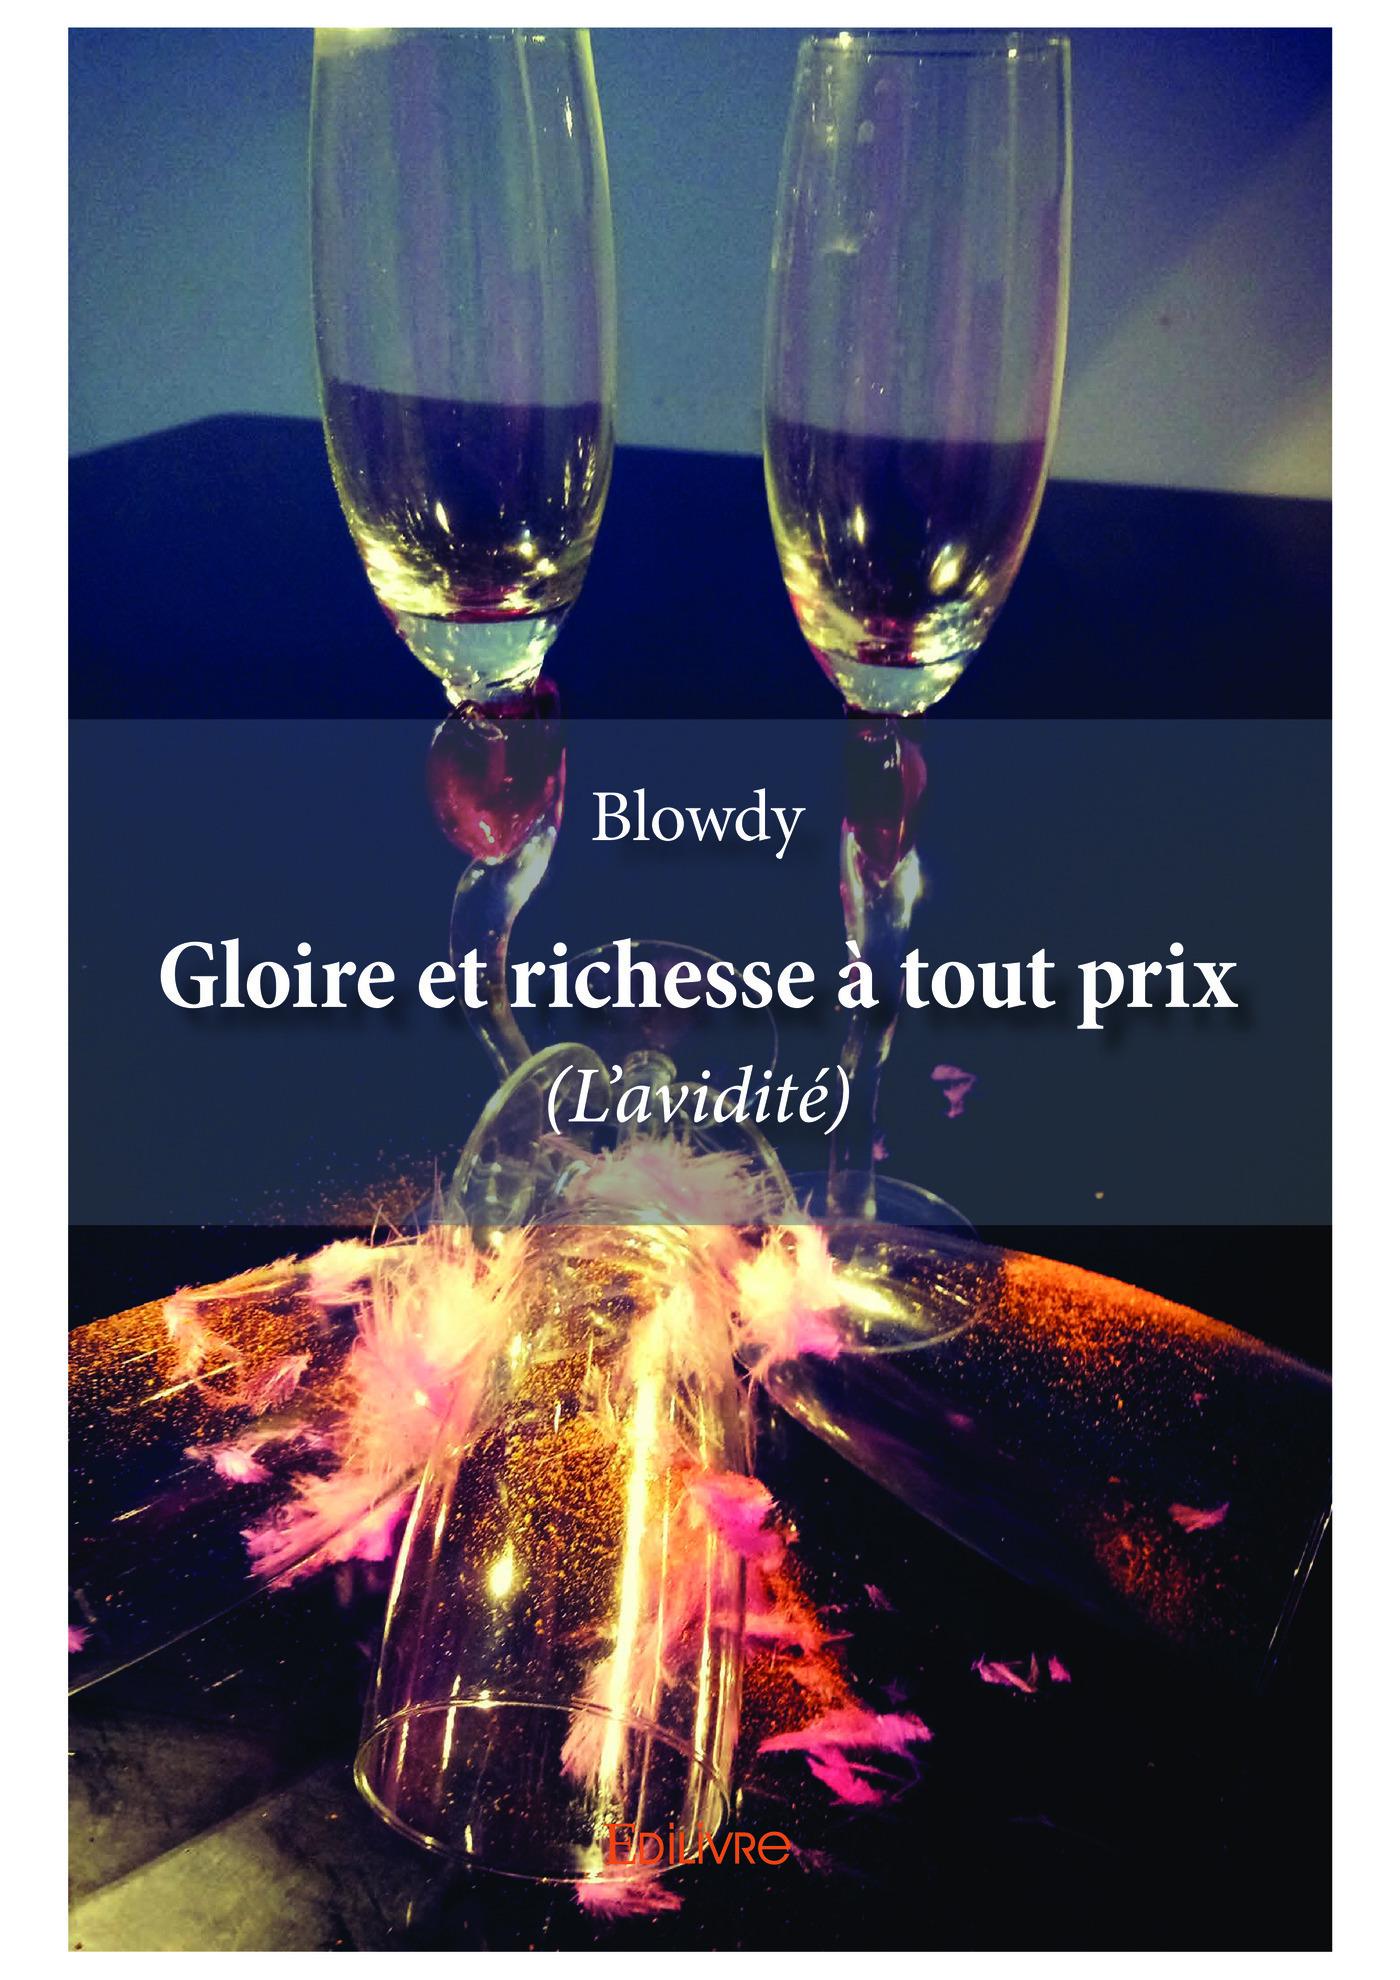 Gloire et richesse a tout prix